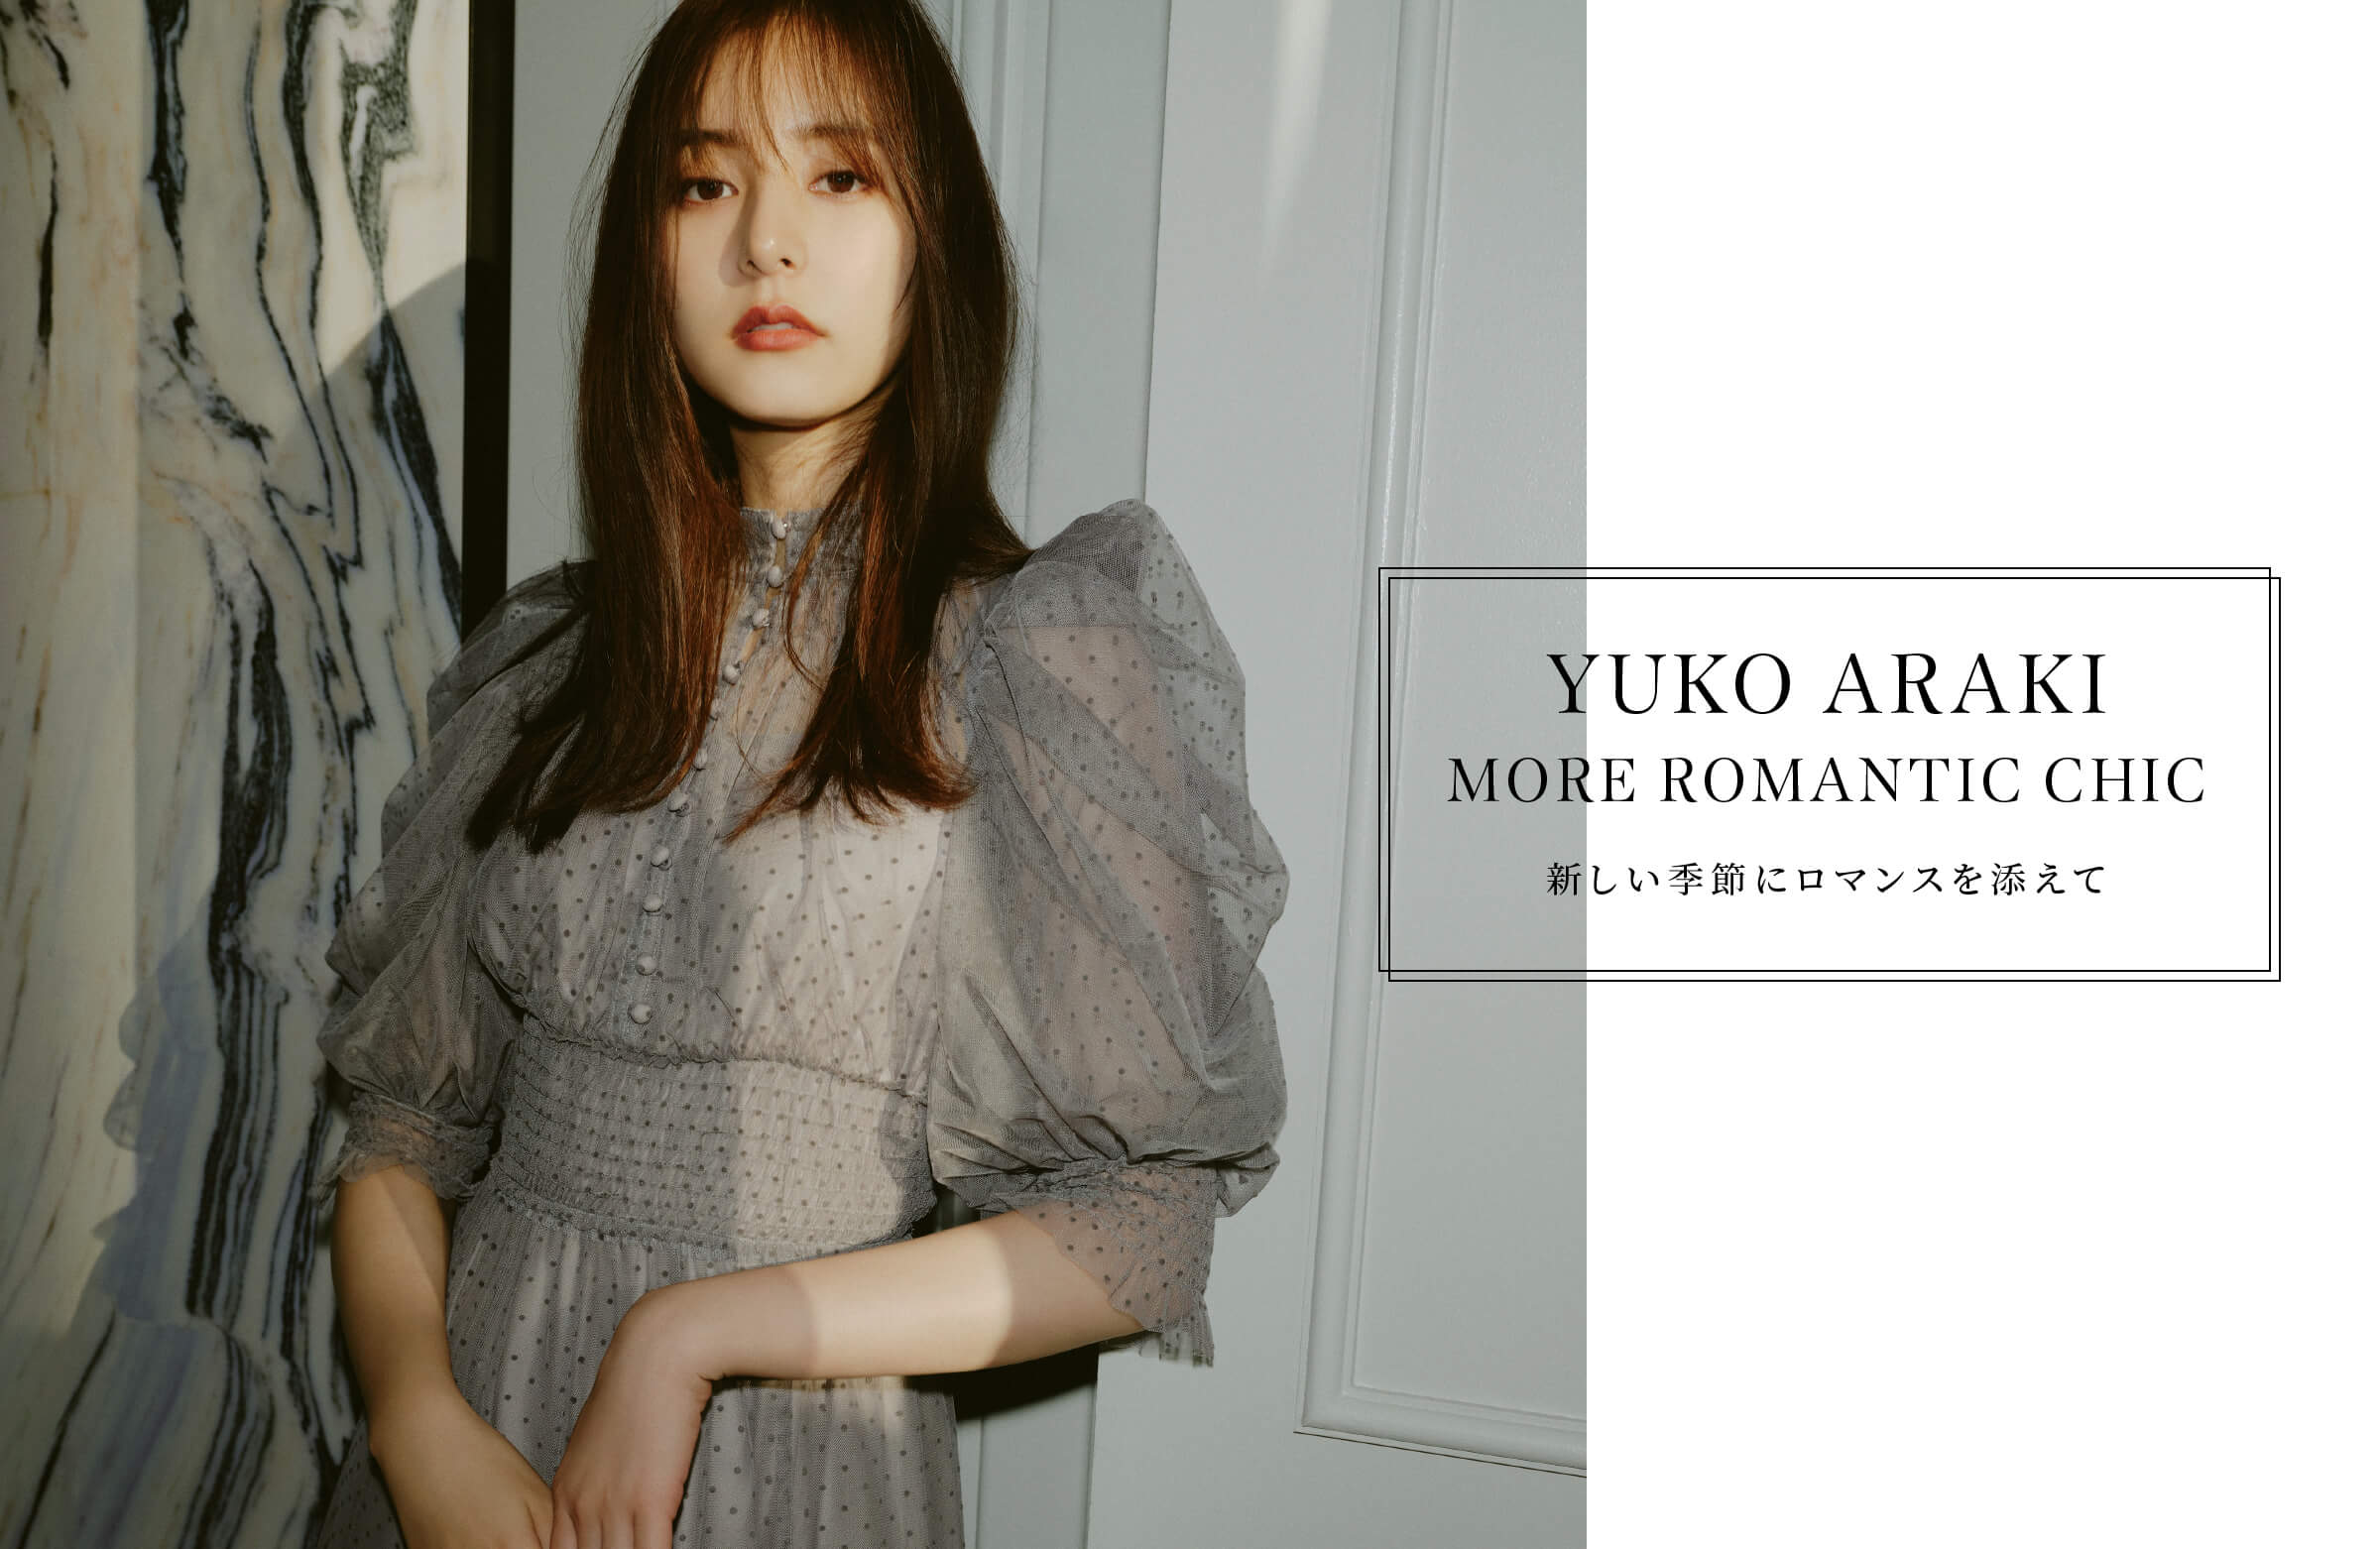 YUKO ARAKI MORE ROMANTIC CHIC 新しい季節にロマンスを添えて